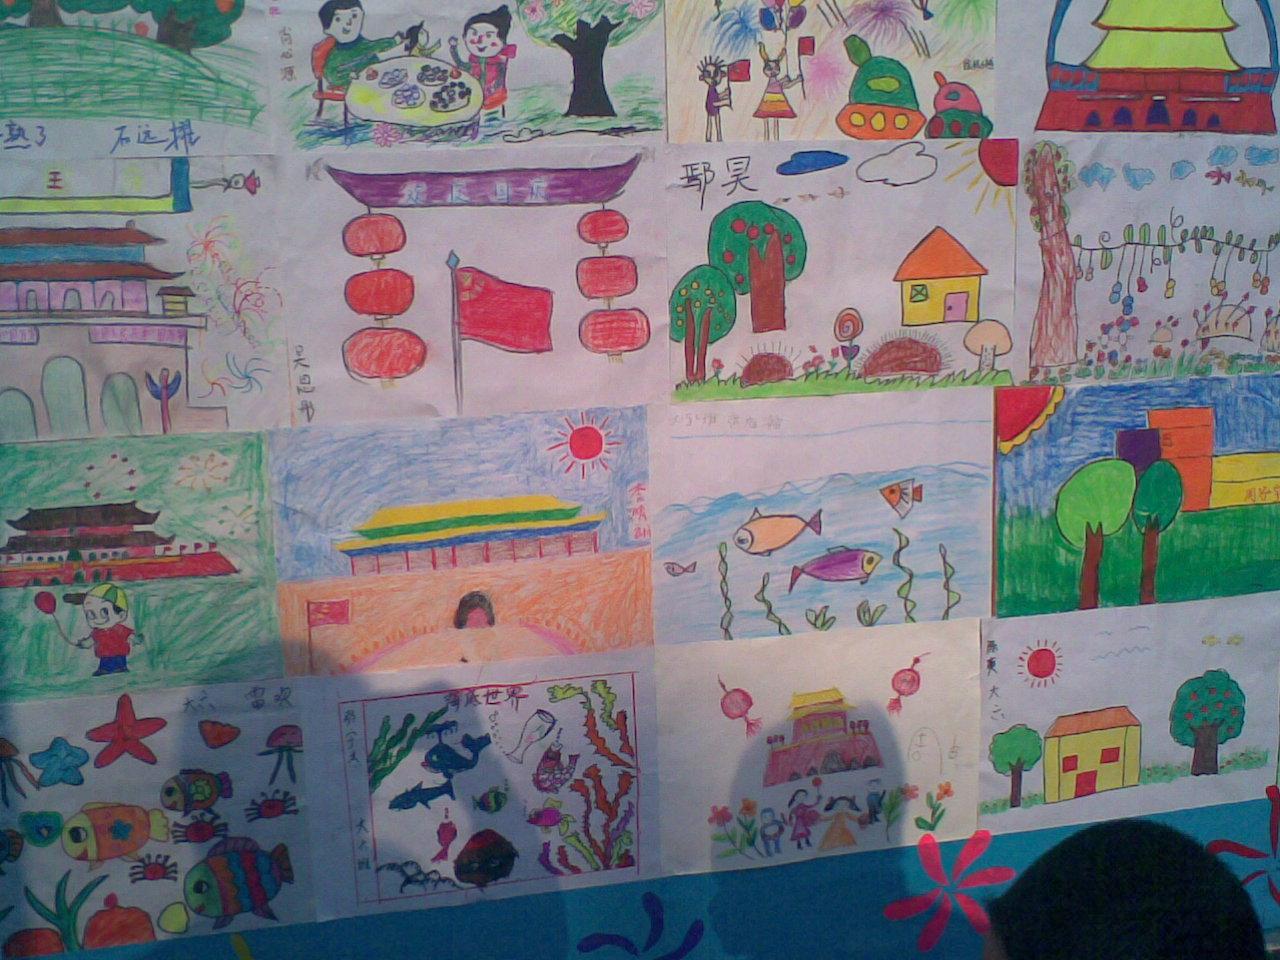 幼儿国庆节图画:国庆节幼儿涂鸦